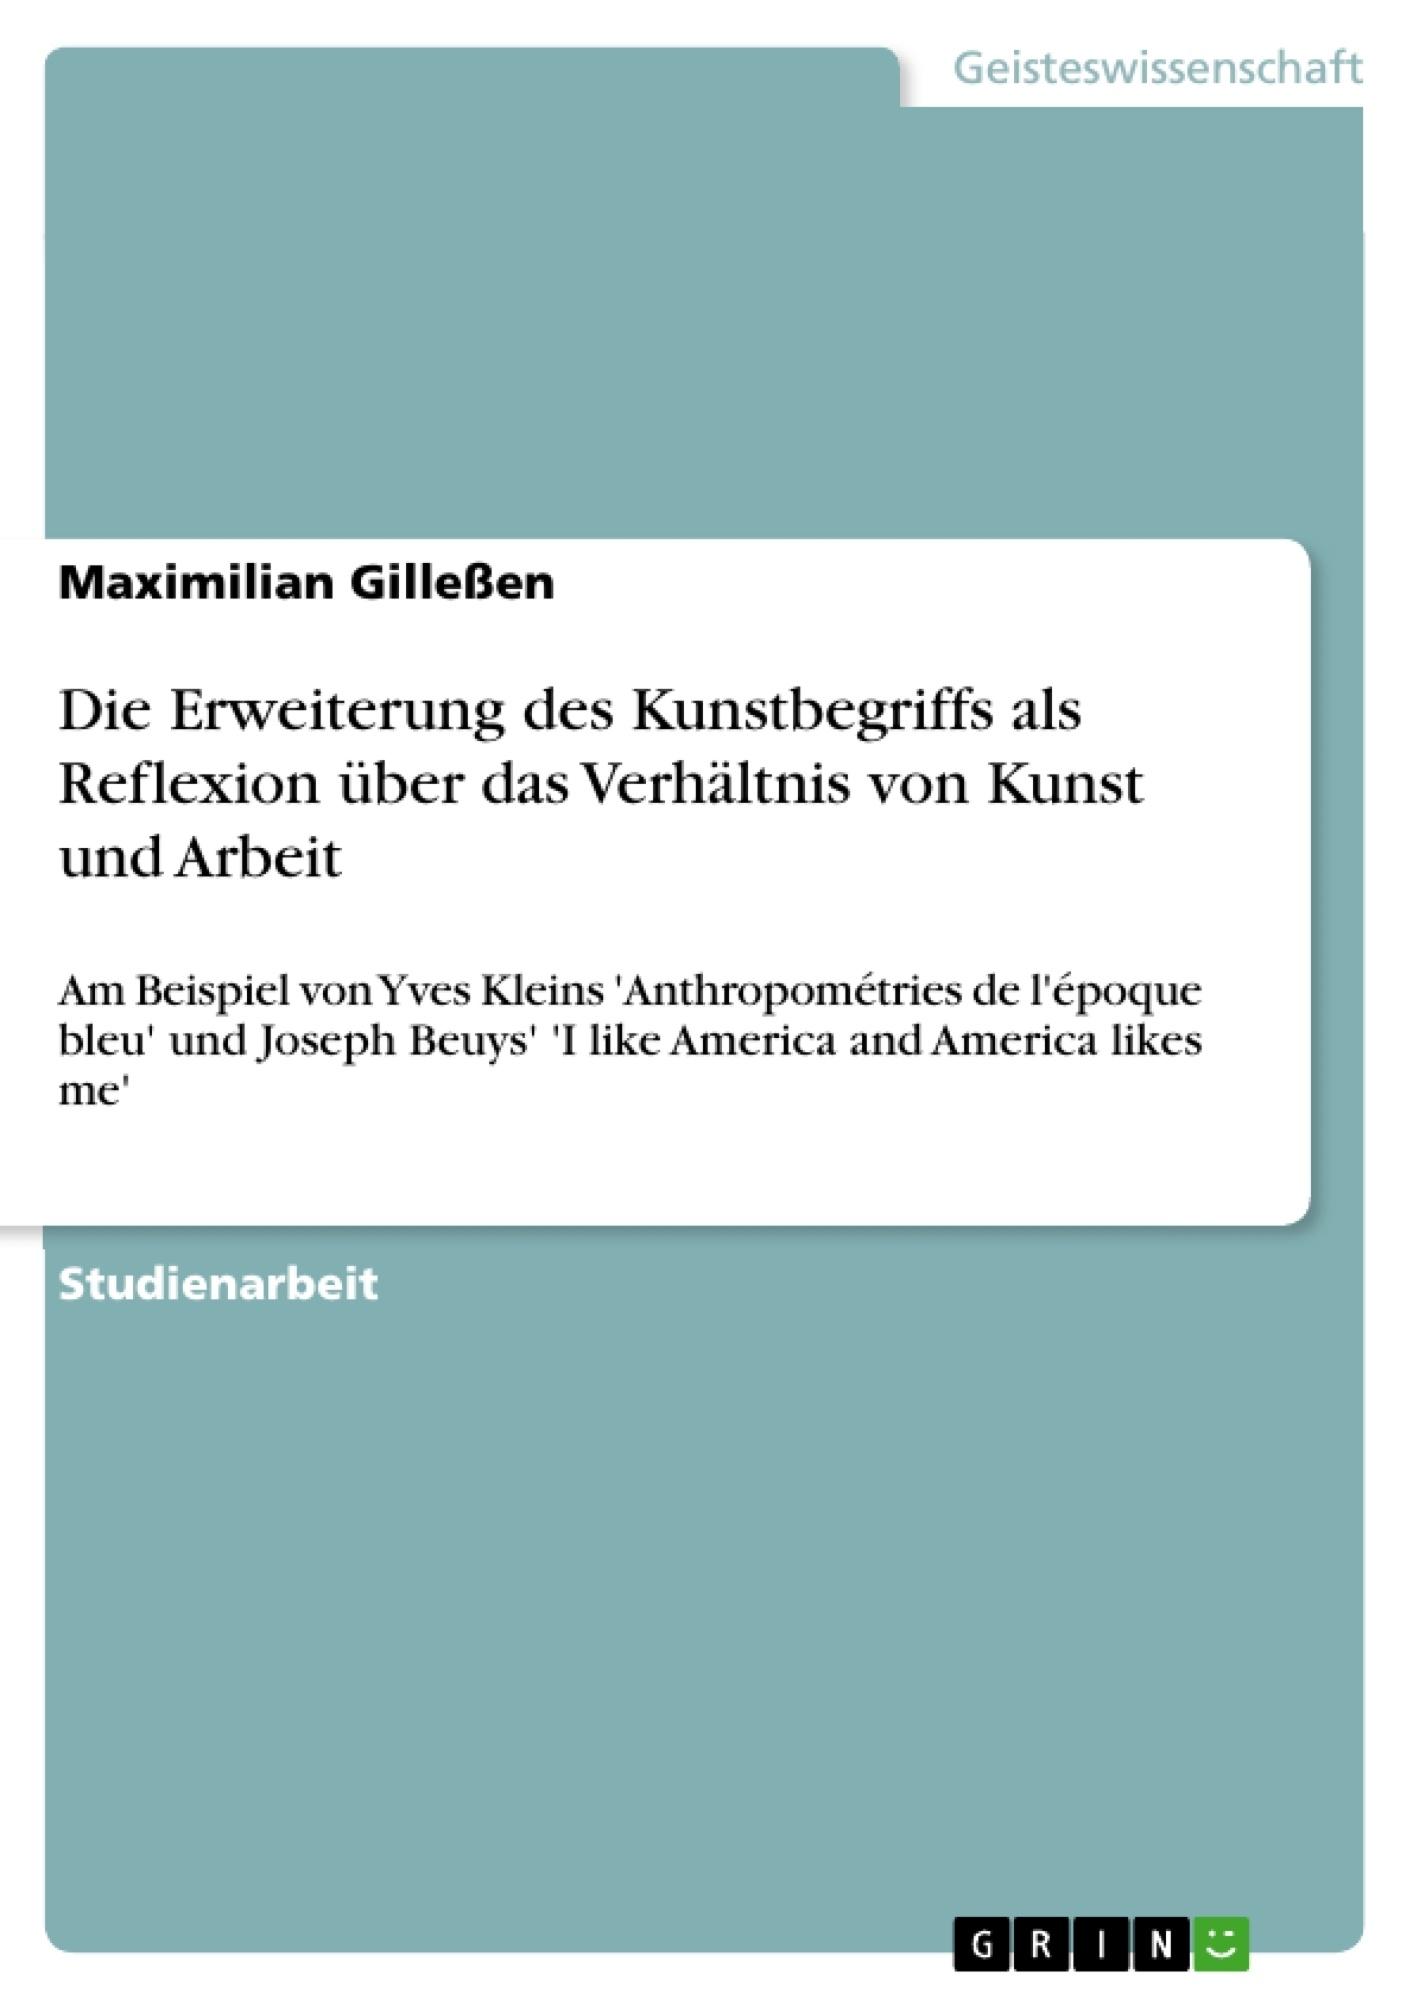 Titel: Die Erweiterung des Kunstbegriffs als Reflexion über das Verhältnis von Kunst und Arbeit